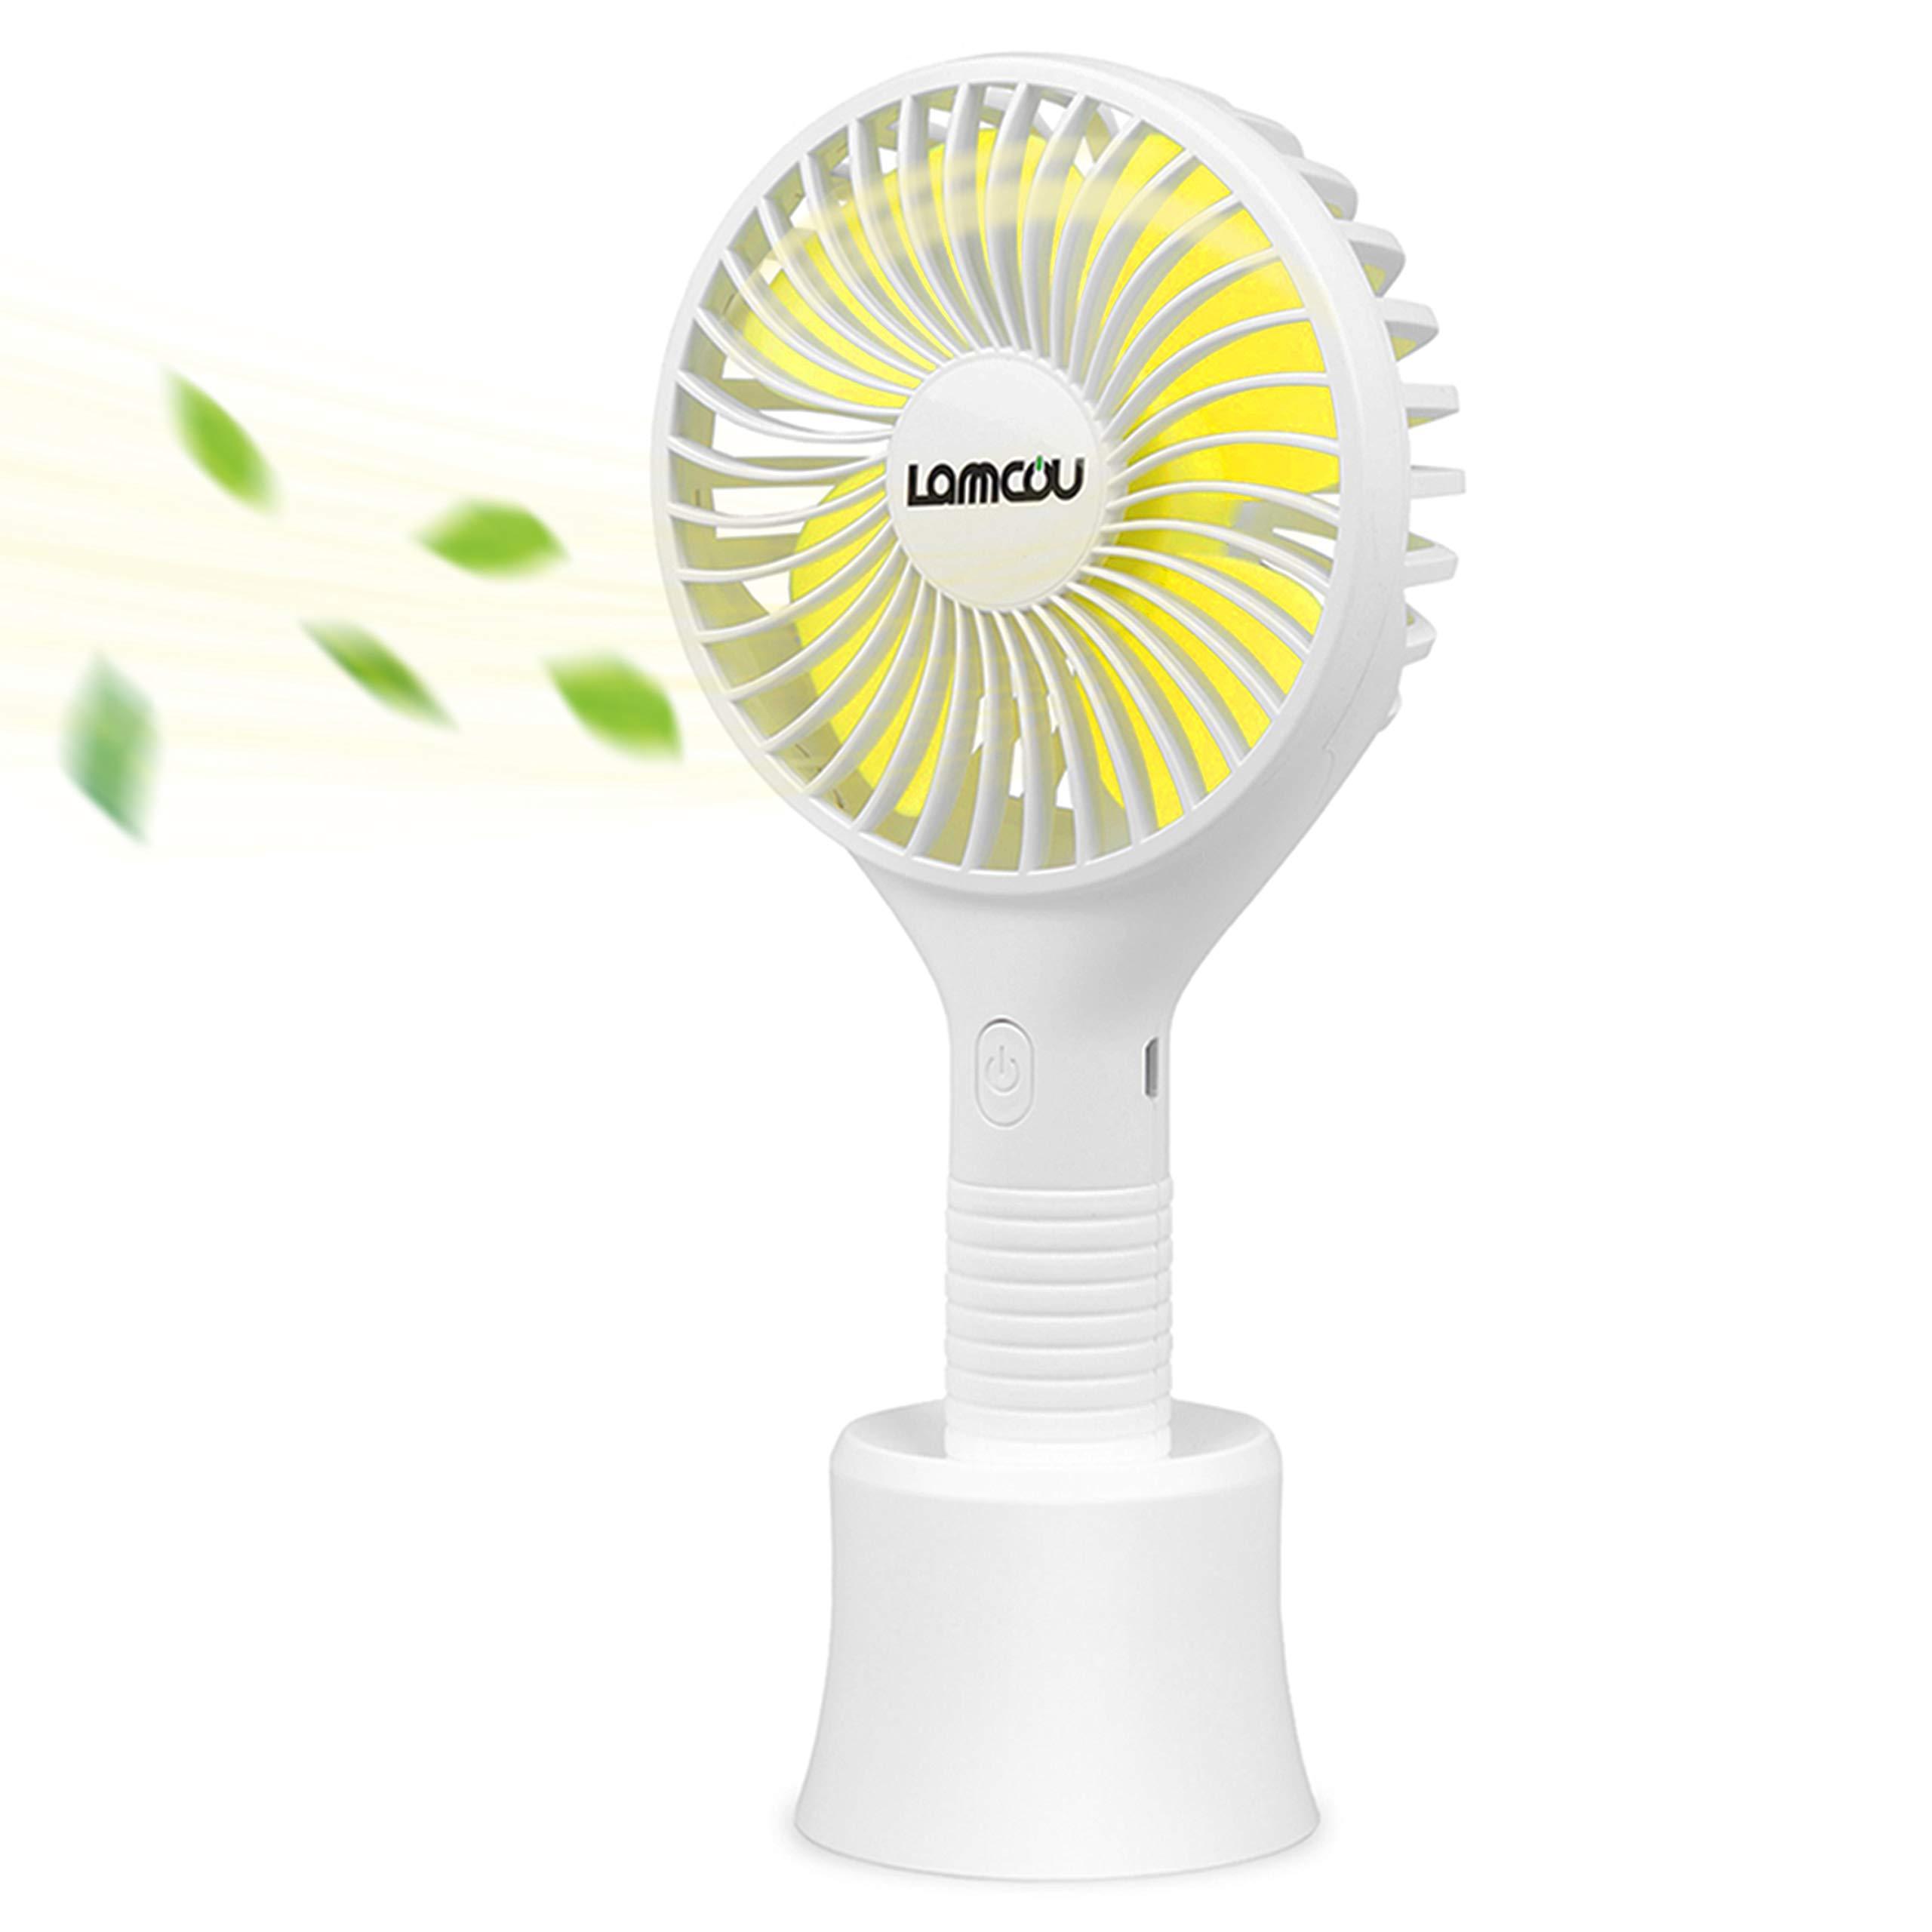 Lammcou Handventilator, USB Mini Ventilator Leise Mini Handheld Ventilator Tragbare Lüfter Praktische und Aufladebare Mini Fan für Outdoor, Büro und Unterwegs-Weiß